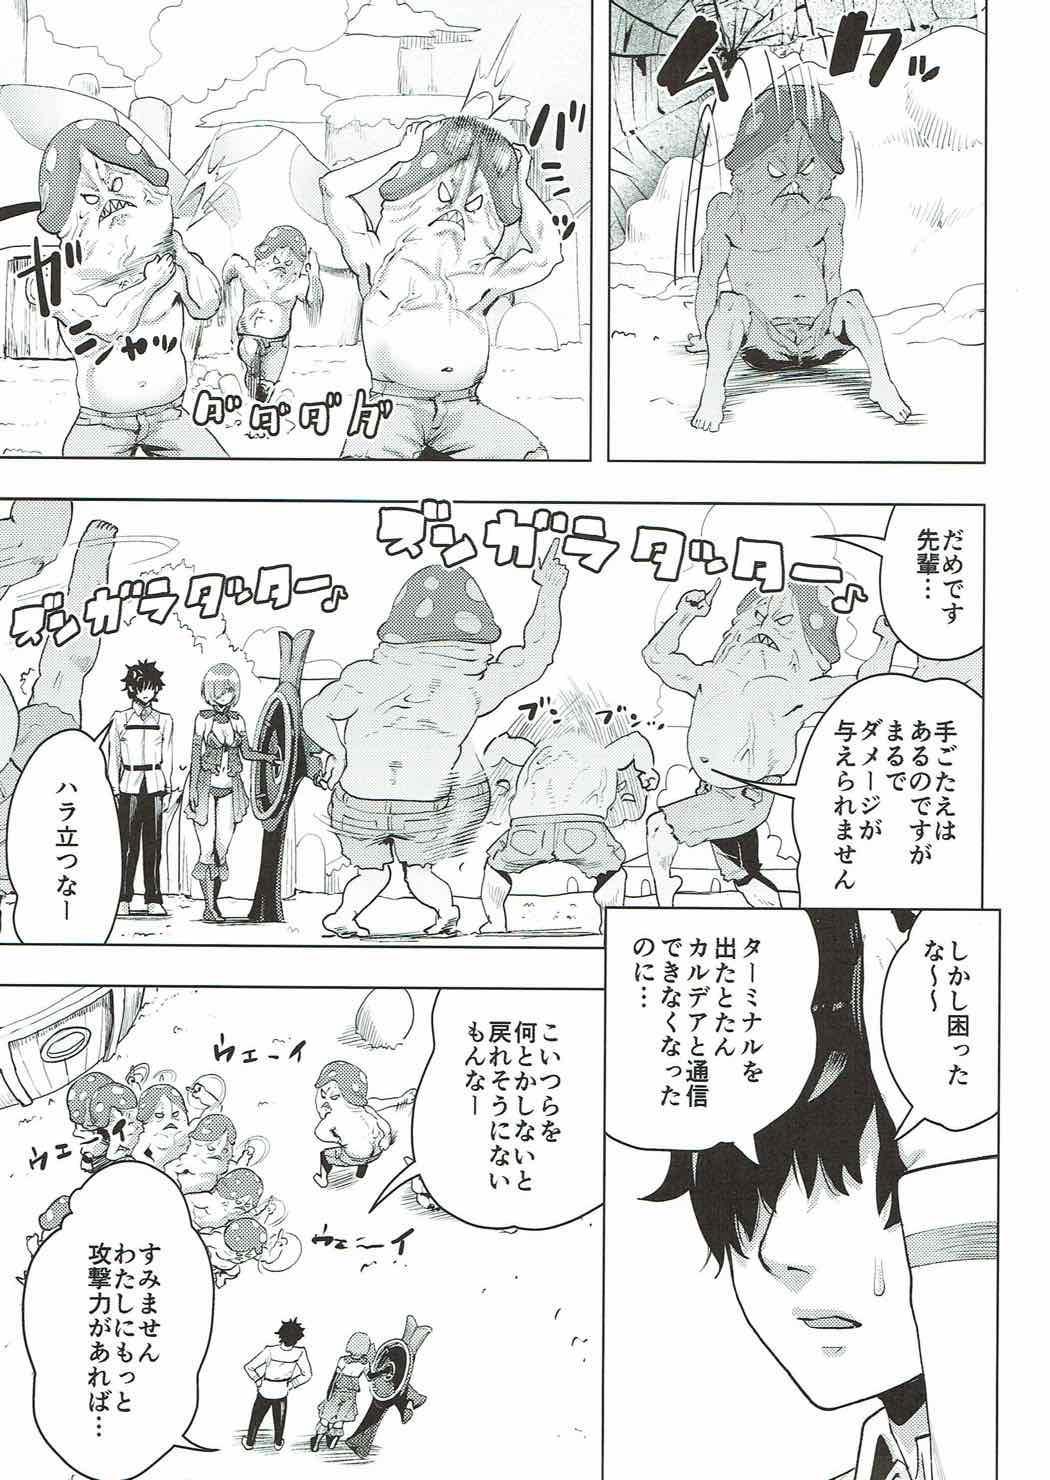 Mash to Ecchi na Tanebi Quest 3